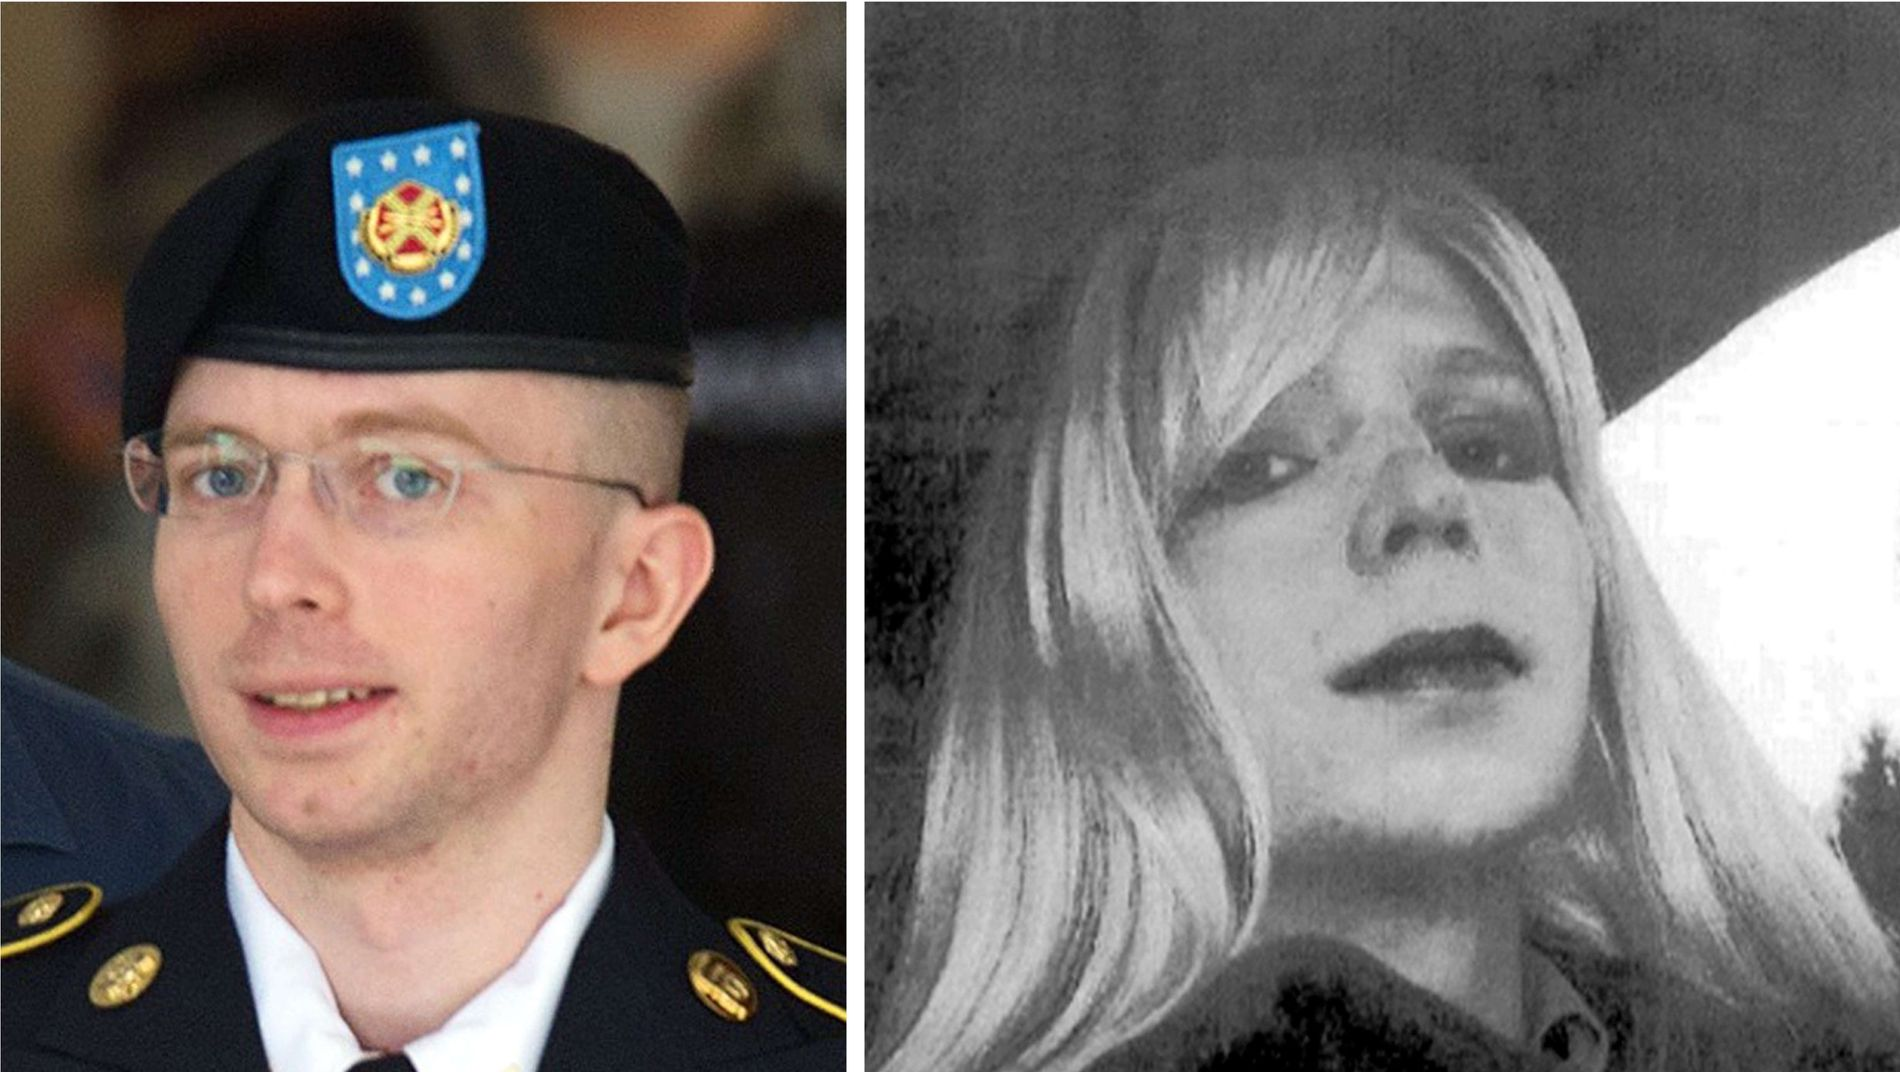 VIL SKIFTE KJØNN: Bildet til venstre viser Bradley Manning i 2013, mens bildet til høyre er et udatert bilde av Chelsea Manning.